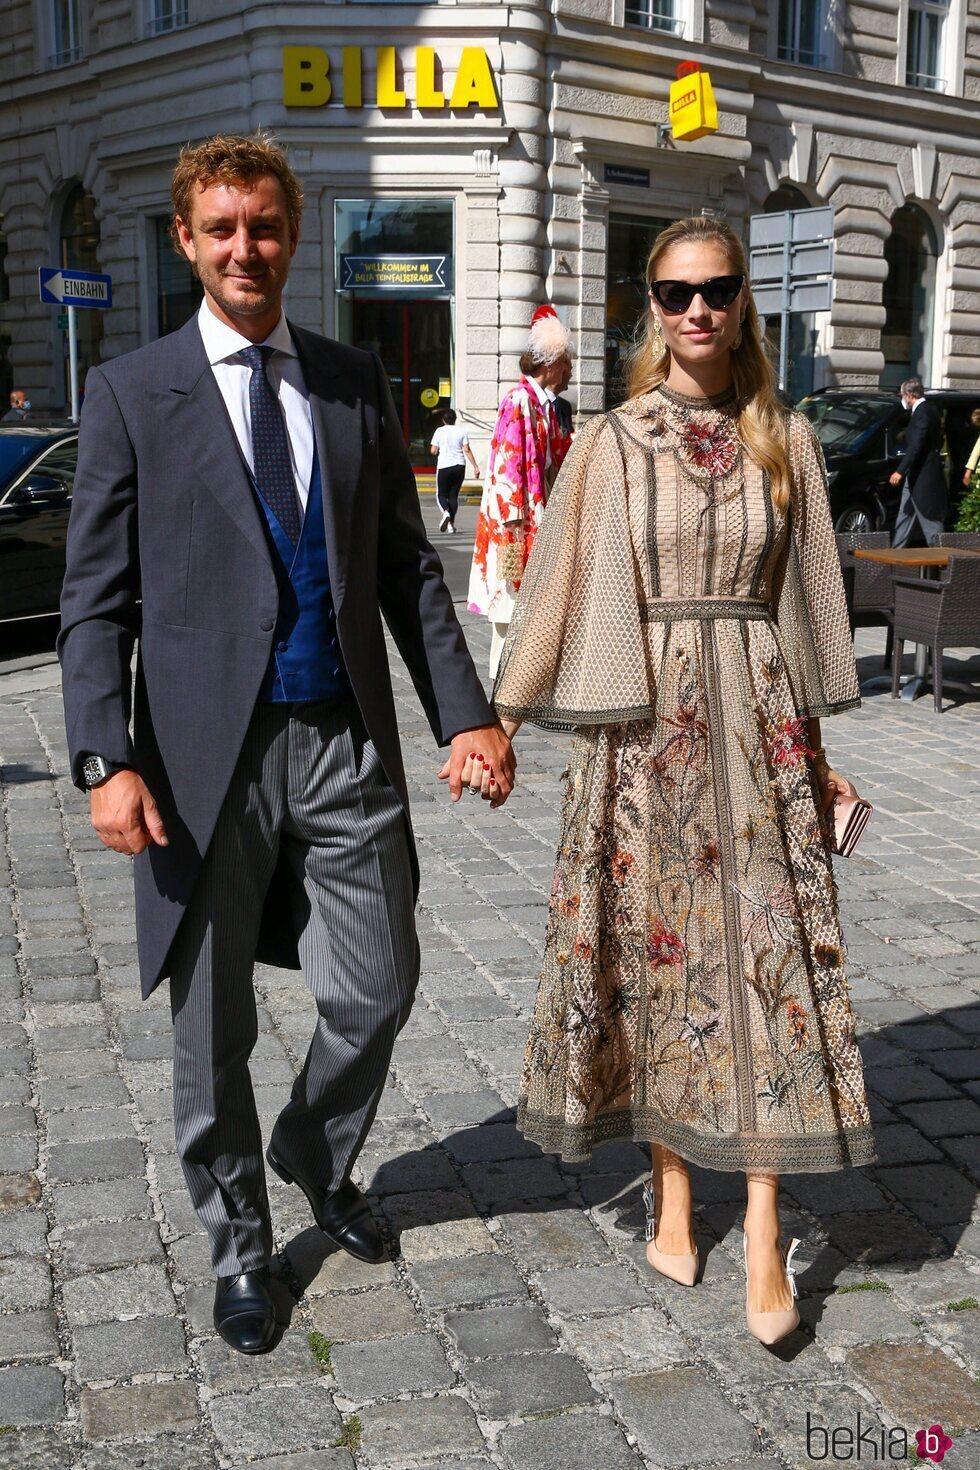 Pierre Casiraghi y Beatrice Borromeo a su llegada a la boda de María Anunciata de Liechtenstein y Emanuele Musini